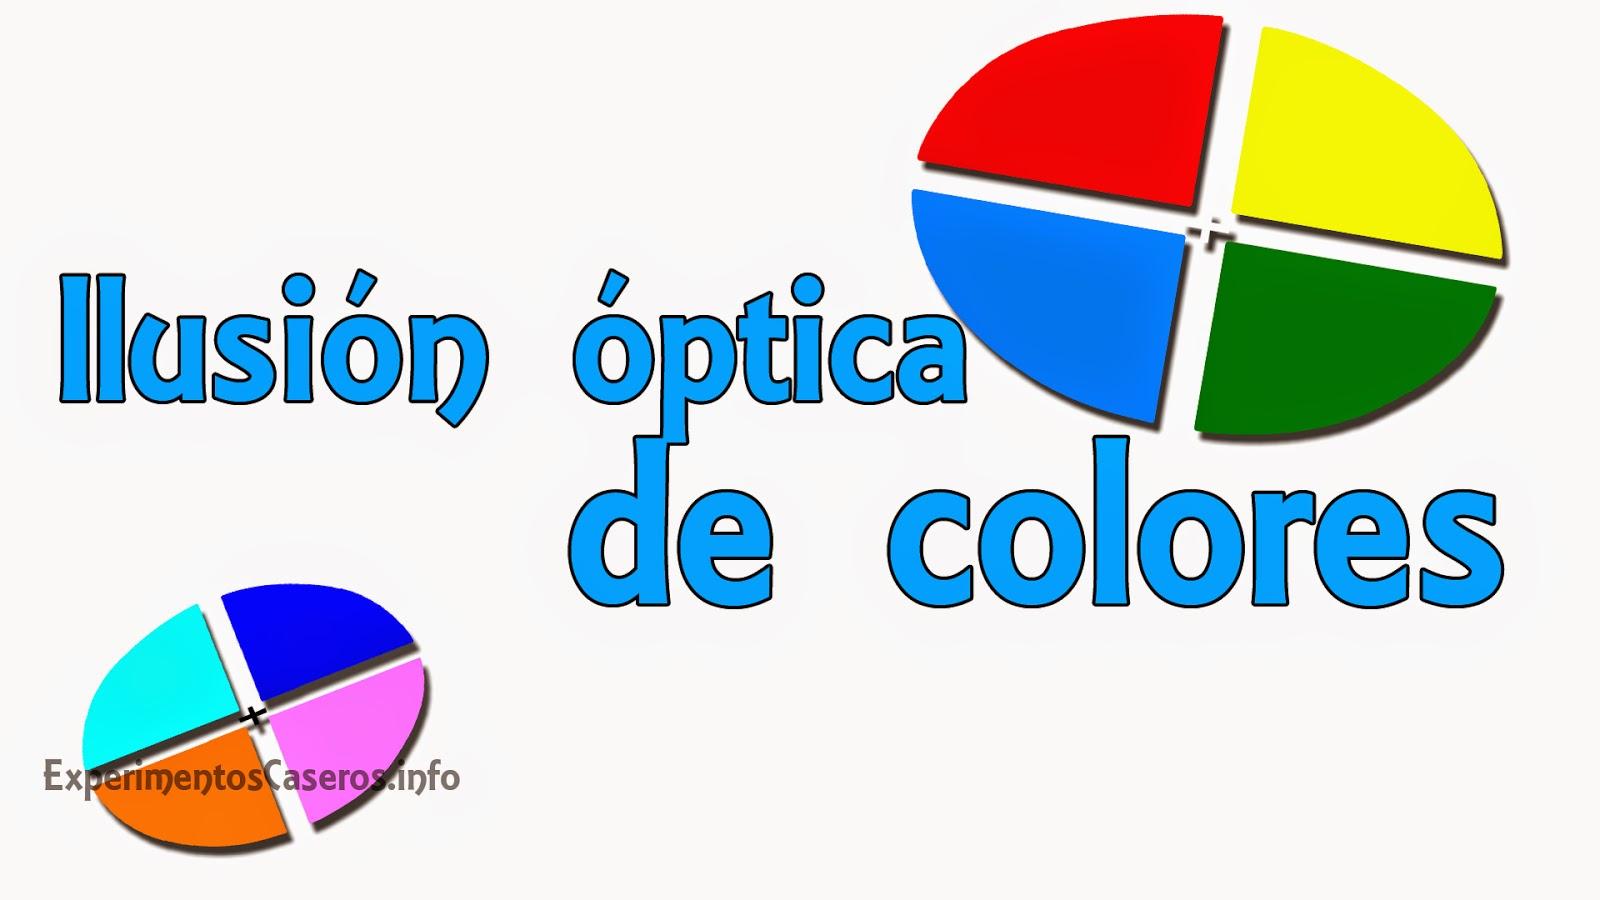 Ilusión óptica impresionante de colores, Experimentos Caseros para niños, experimentos caseros, experimentos sencillos, ilusiones ópticas, ilusión óptica, experimentos para niños, experimentos sencillos, experimentos, experimento, feria de ciencias, experimento para la feria de ciencias, experimento de psicología, psicología